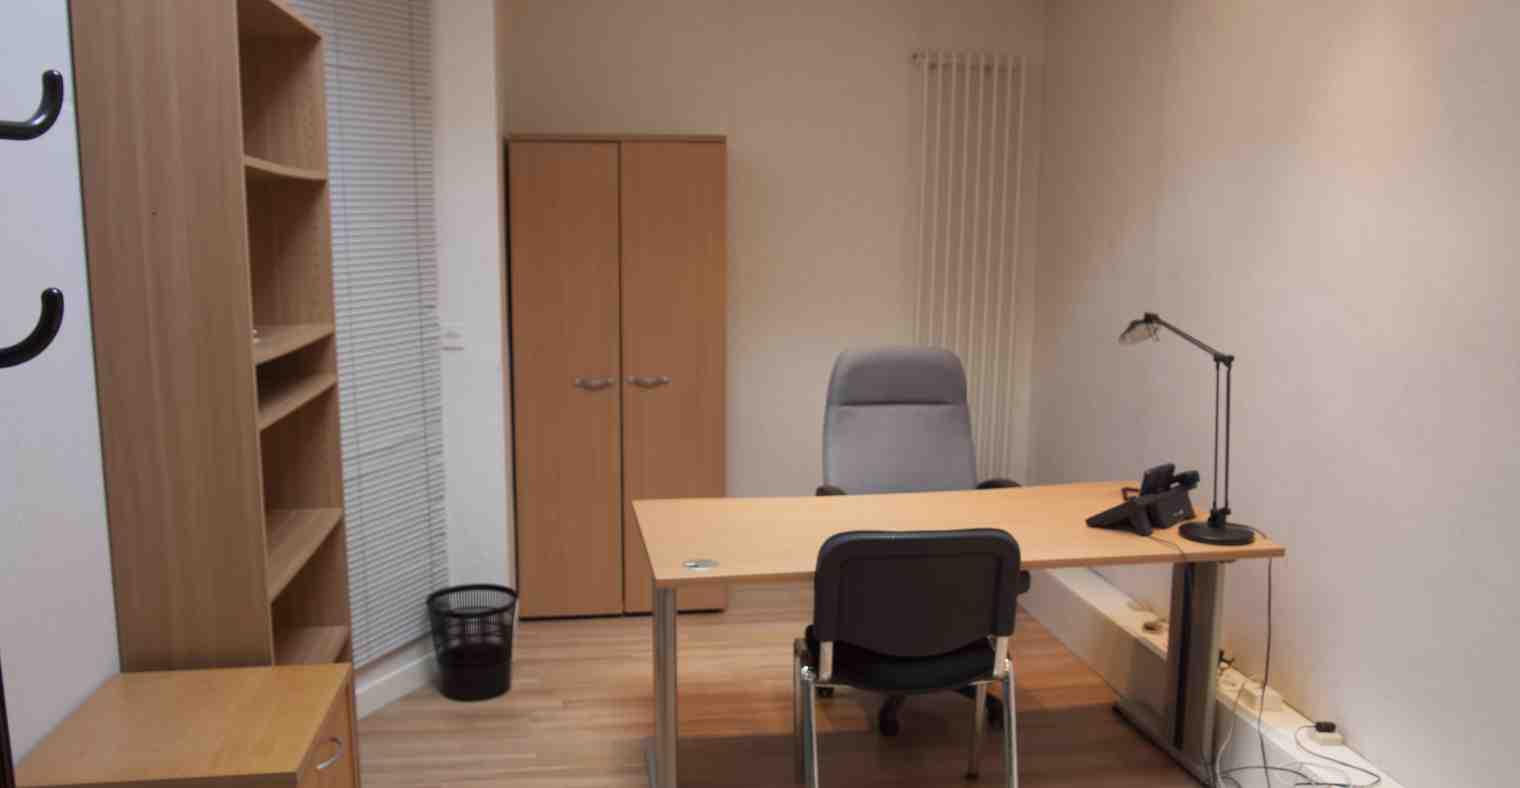 Exemple 2 de bureau à louer, rez-de-chaussée, Centre d'affaires Solférino.